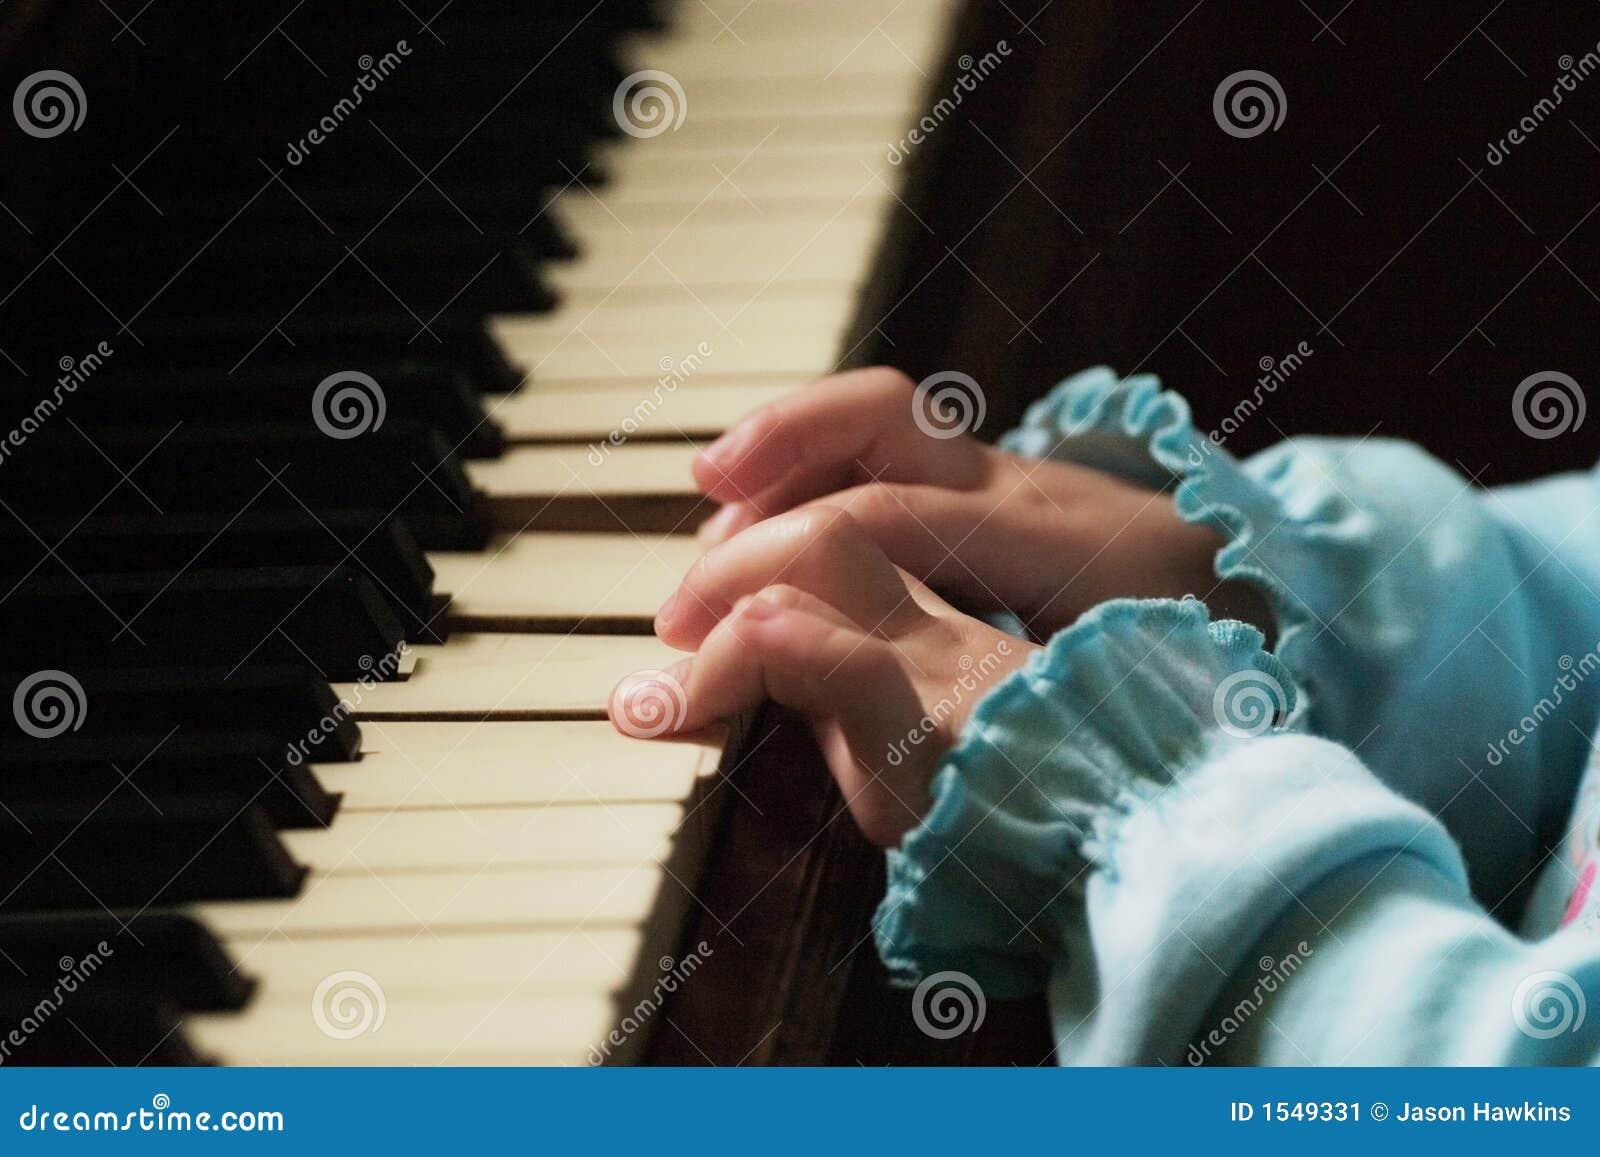 δάχτυλα λίγο παιχνίδι πιάνων